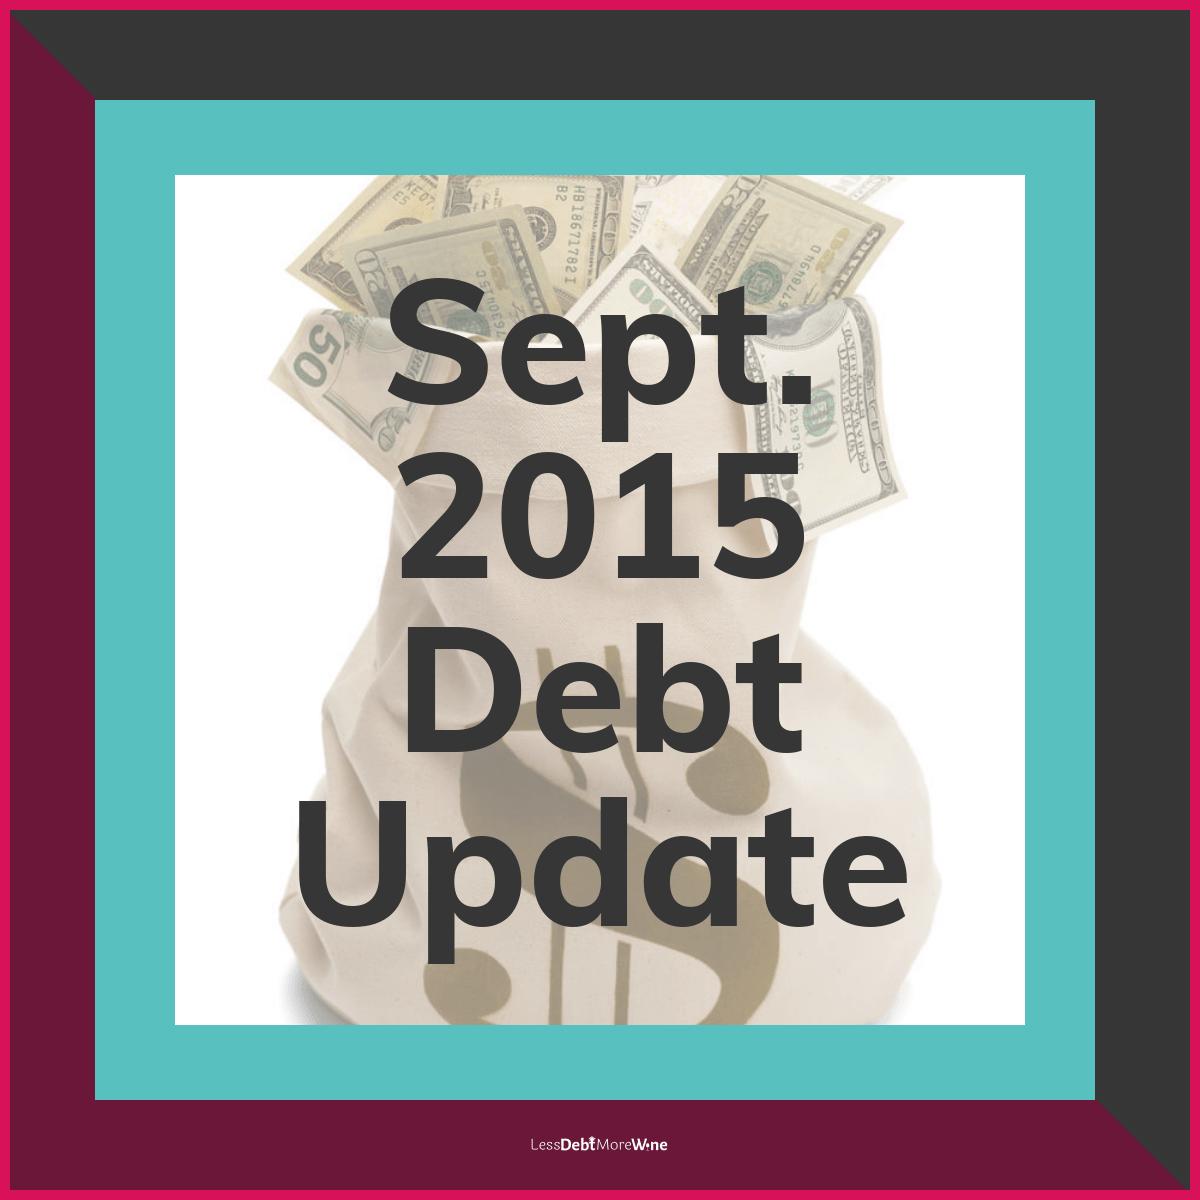 September 2015 Debt Update, debt payoff progress